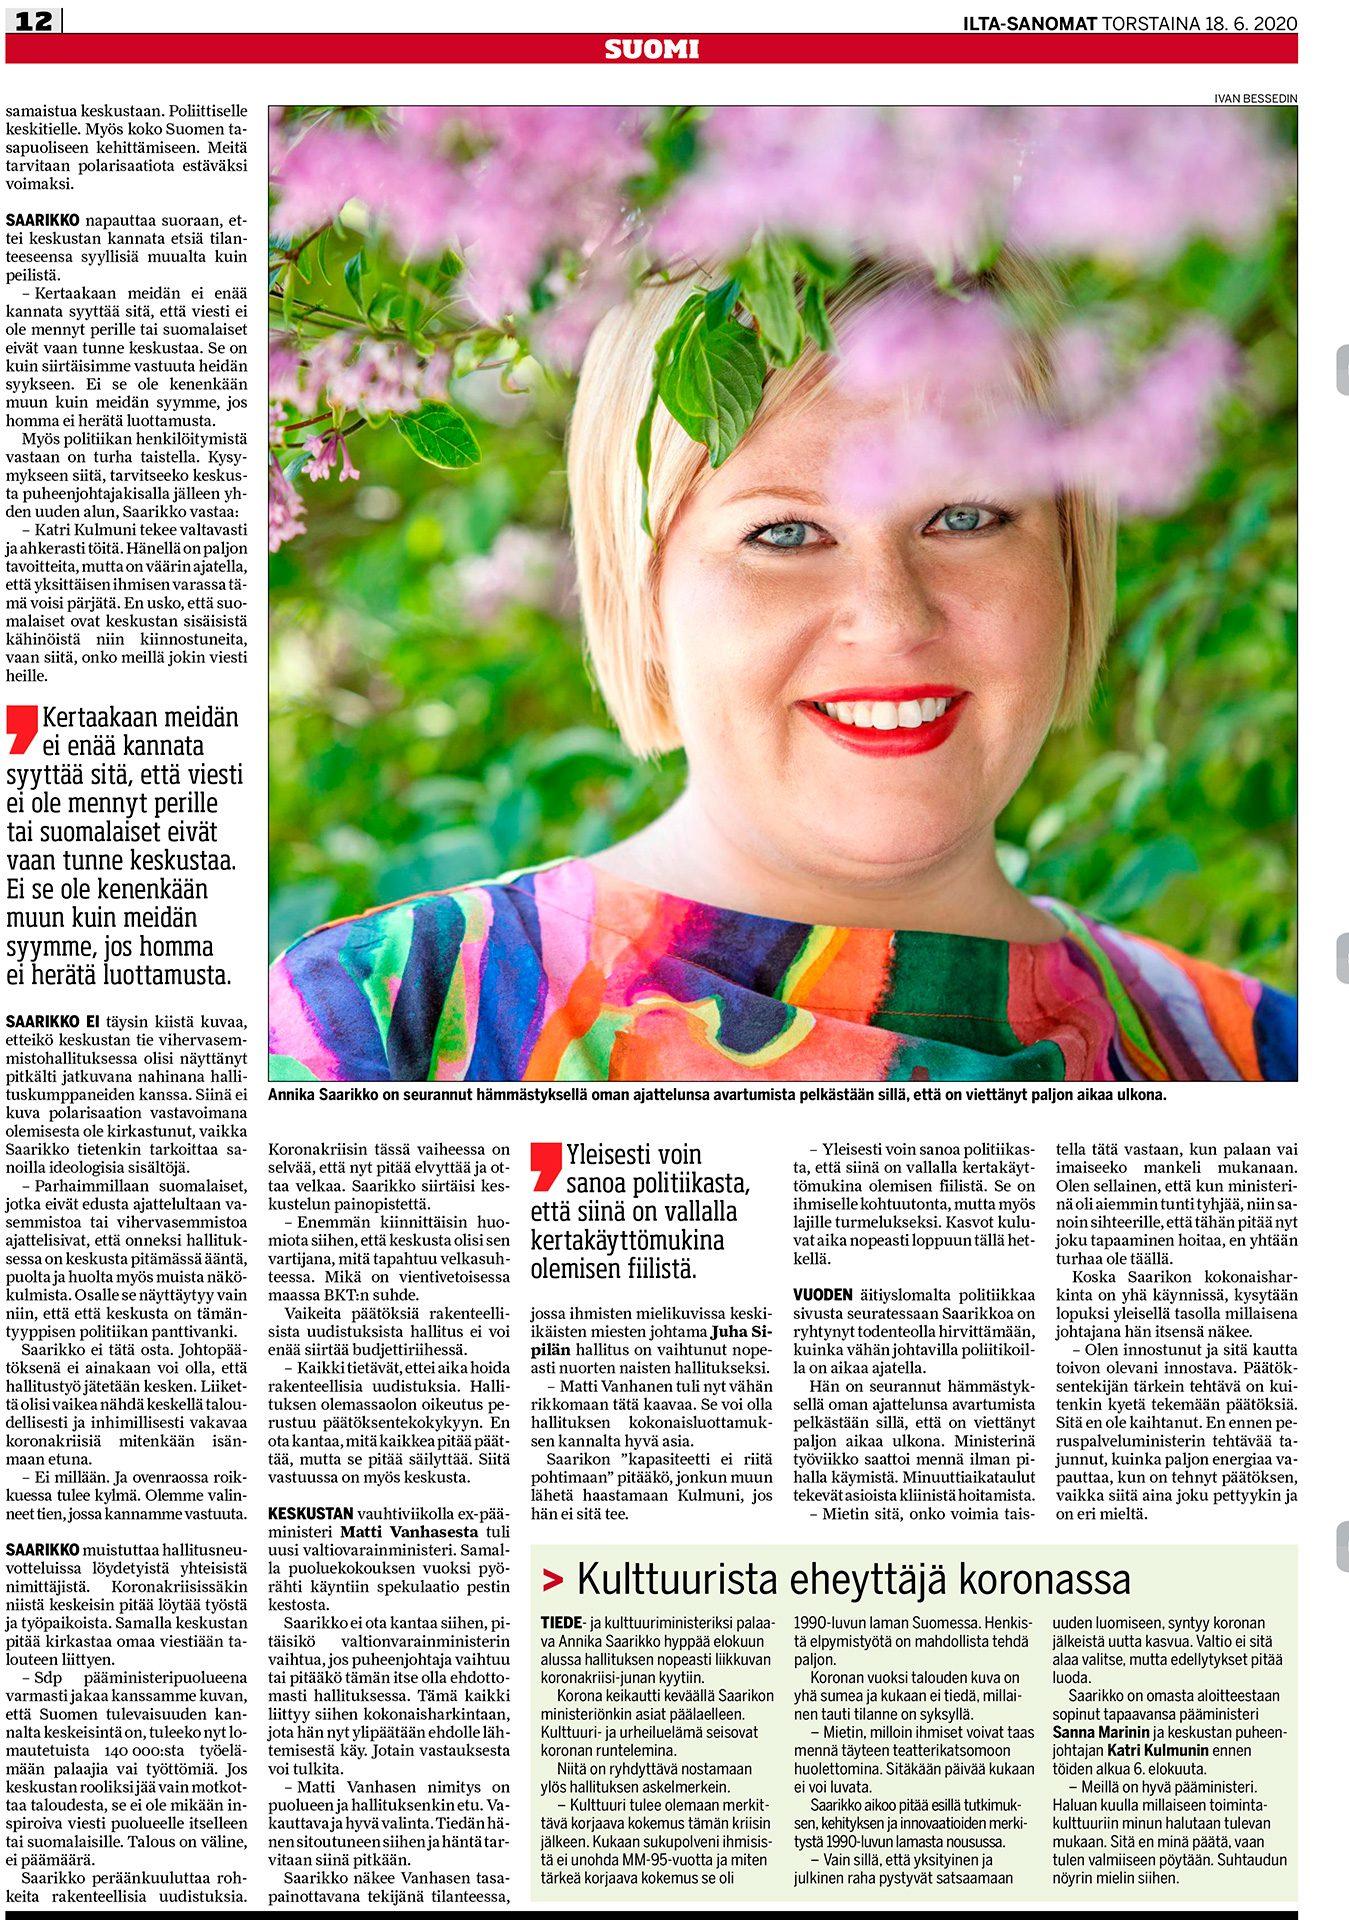 lta-Sanomat, Annika Saarikko, suomalainen, keskustaa edustava, poliitikko, keskusta